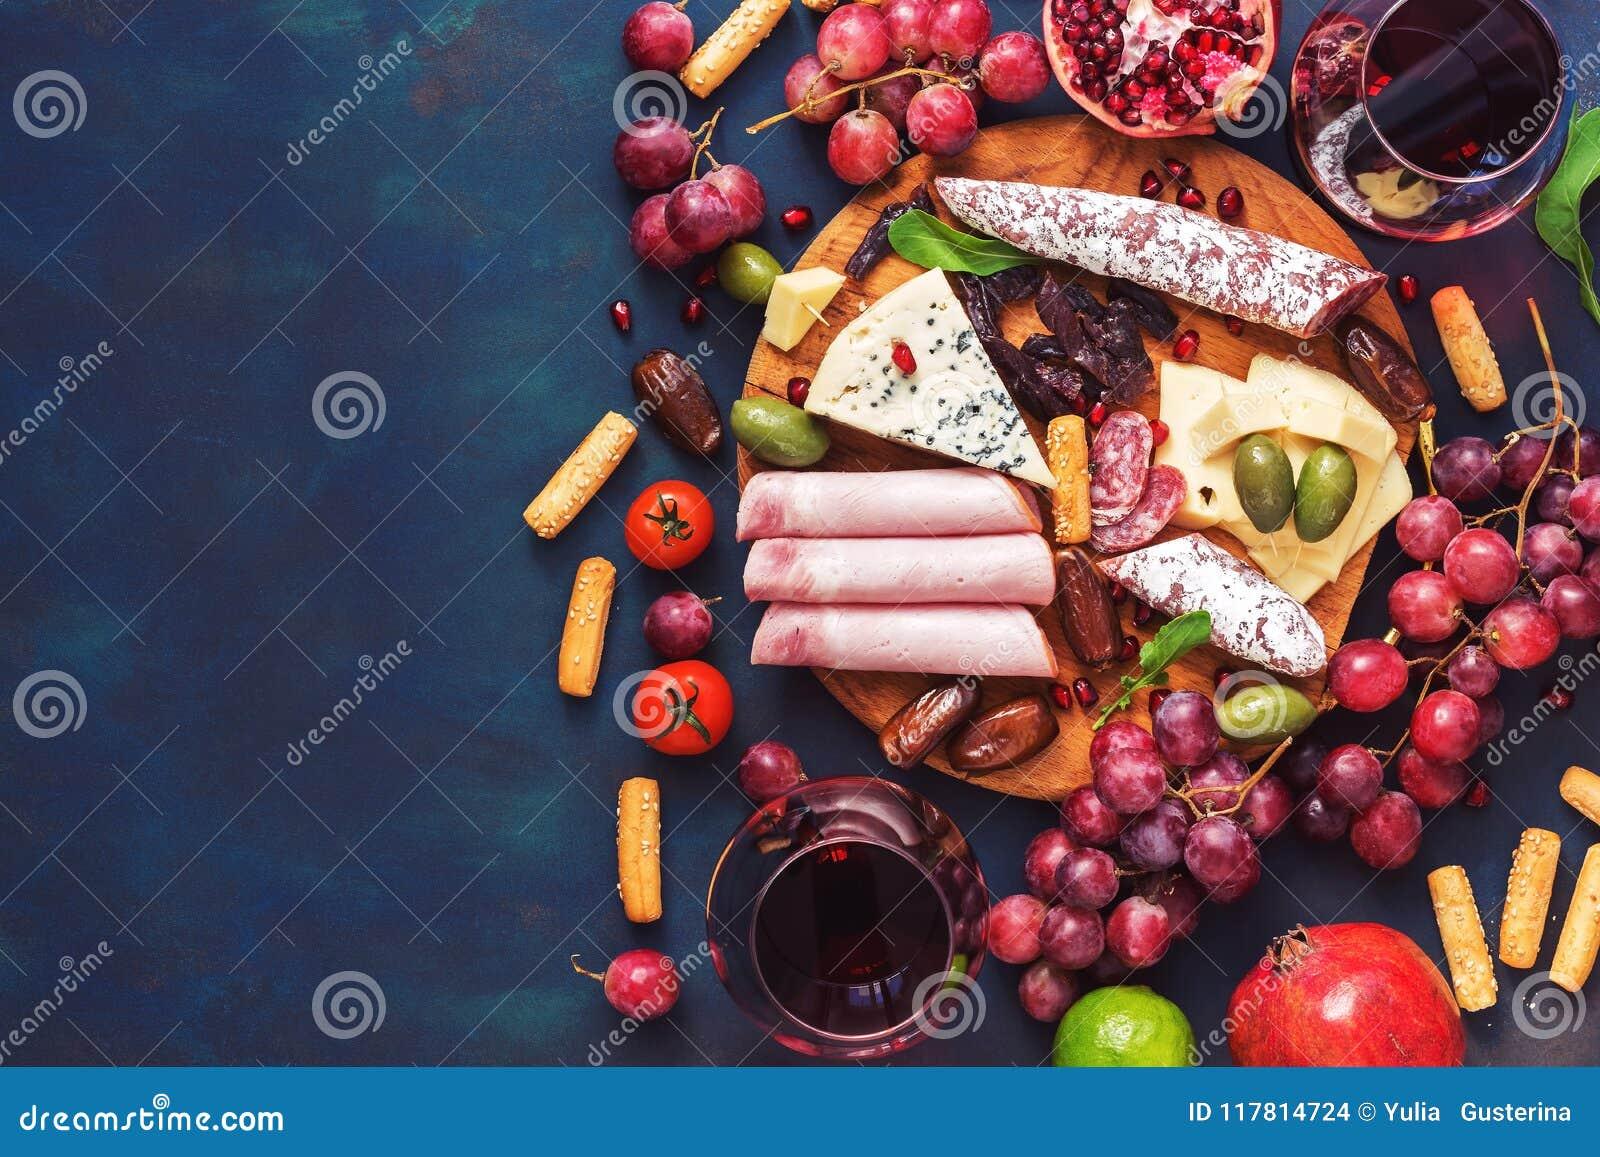 Διάφορο ορεκτικό-κόκκινο κρασί, φρούτα, λουκάνικα, τυρί, λαχανικά σε ένα σκοτεινό υπόβαθρο finem Διαστημική, τοπ άποψη αντιγράφων